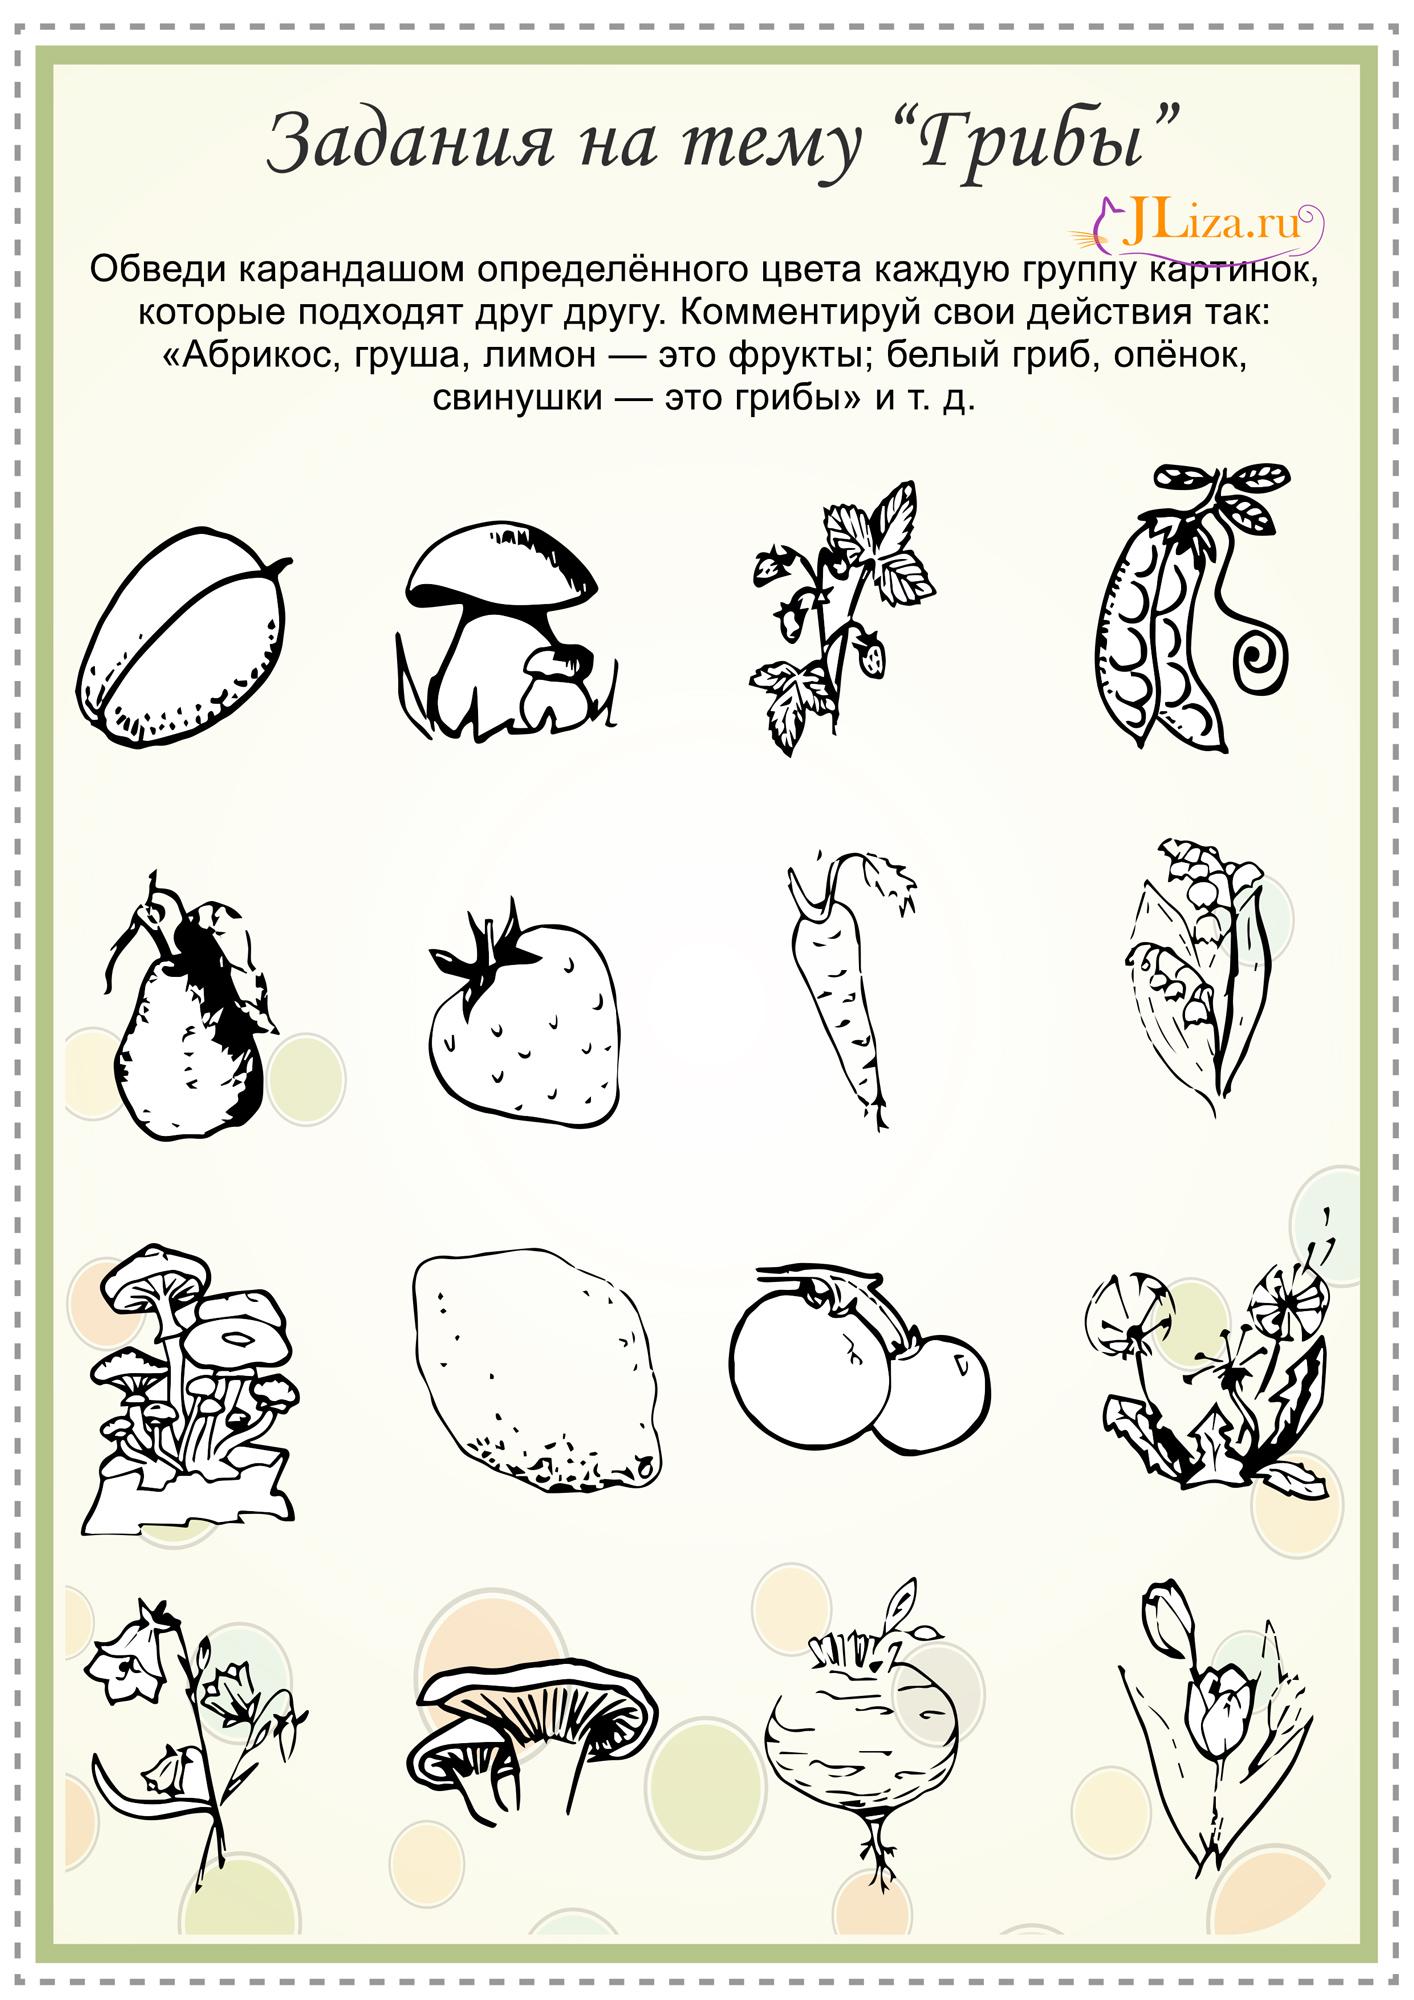 Конкурсы по грибы